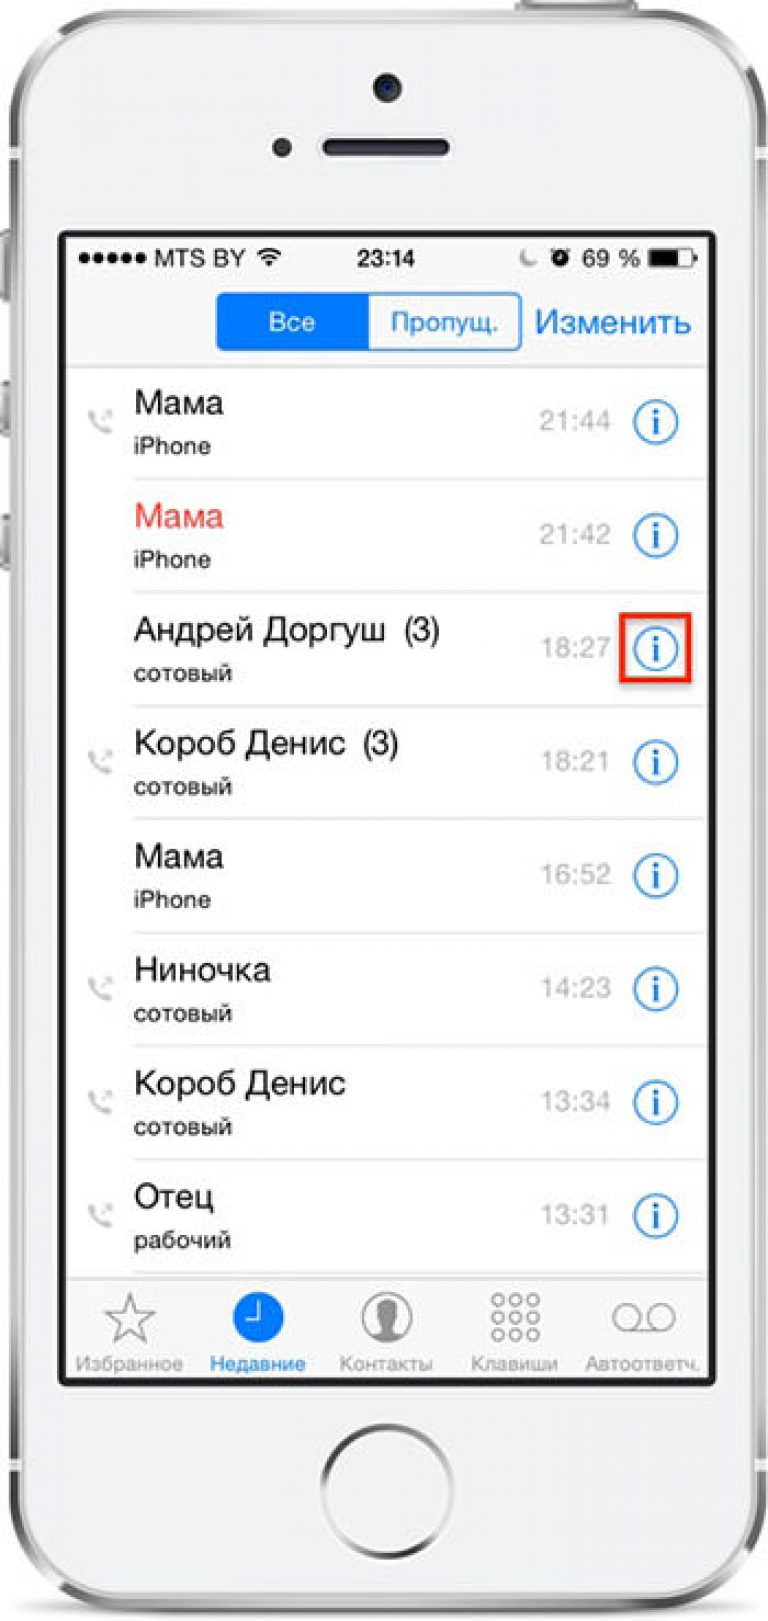 Beeline: Numarayı değiştirin. Cep telefonu numaranızı değiştirme